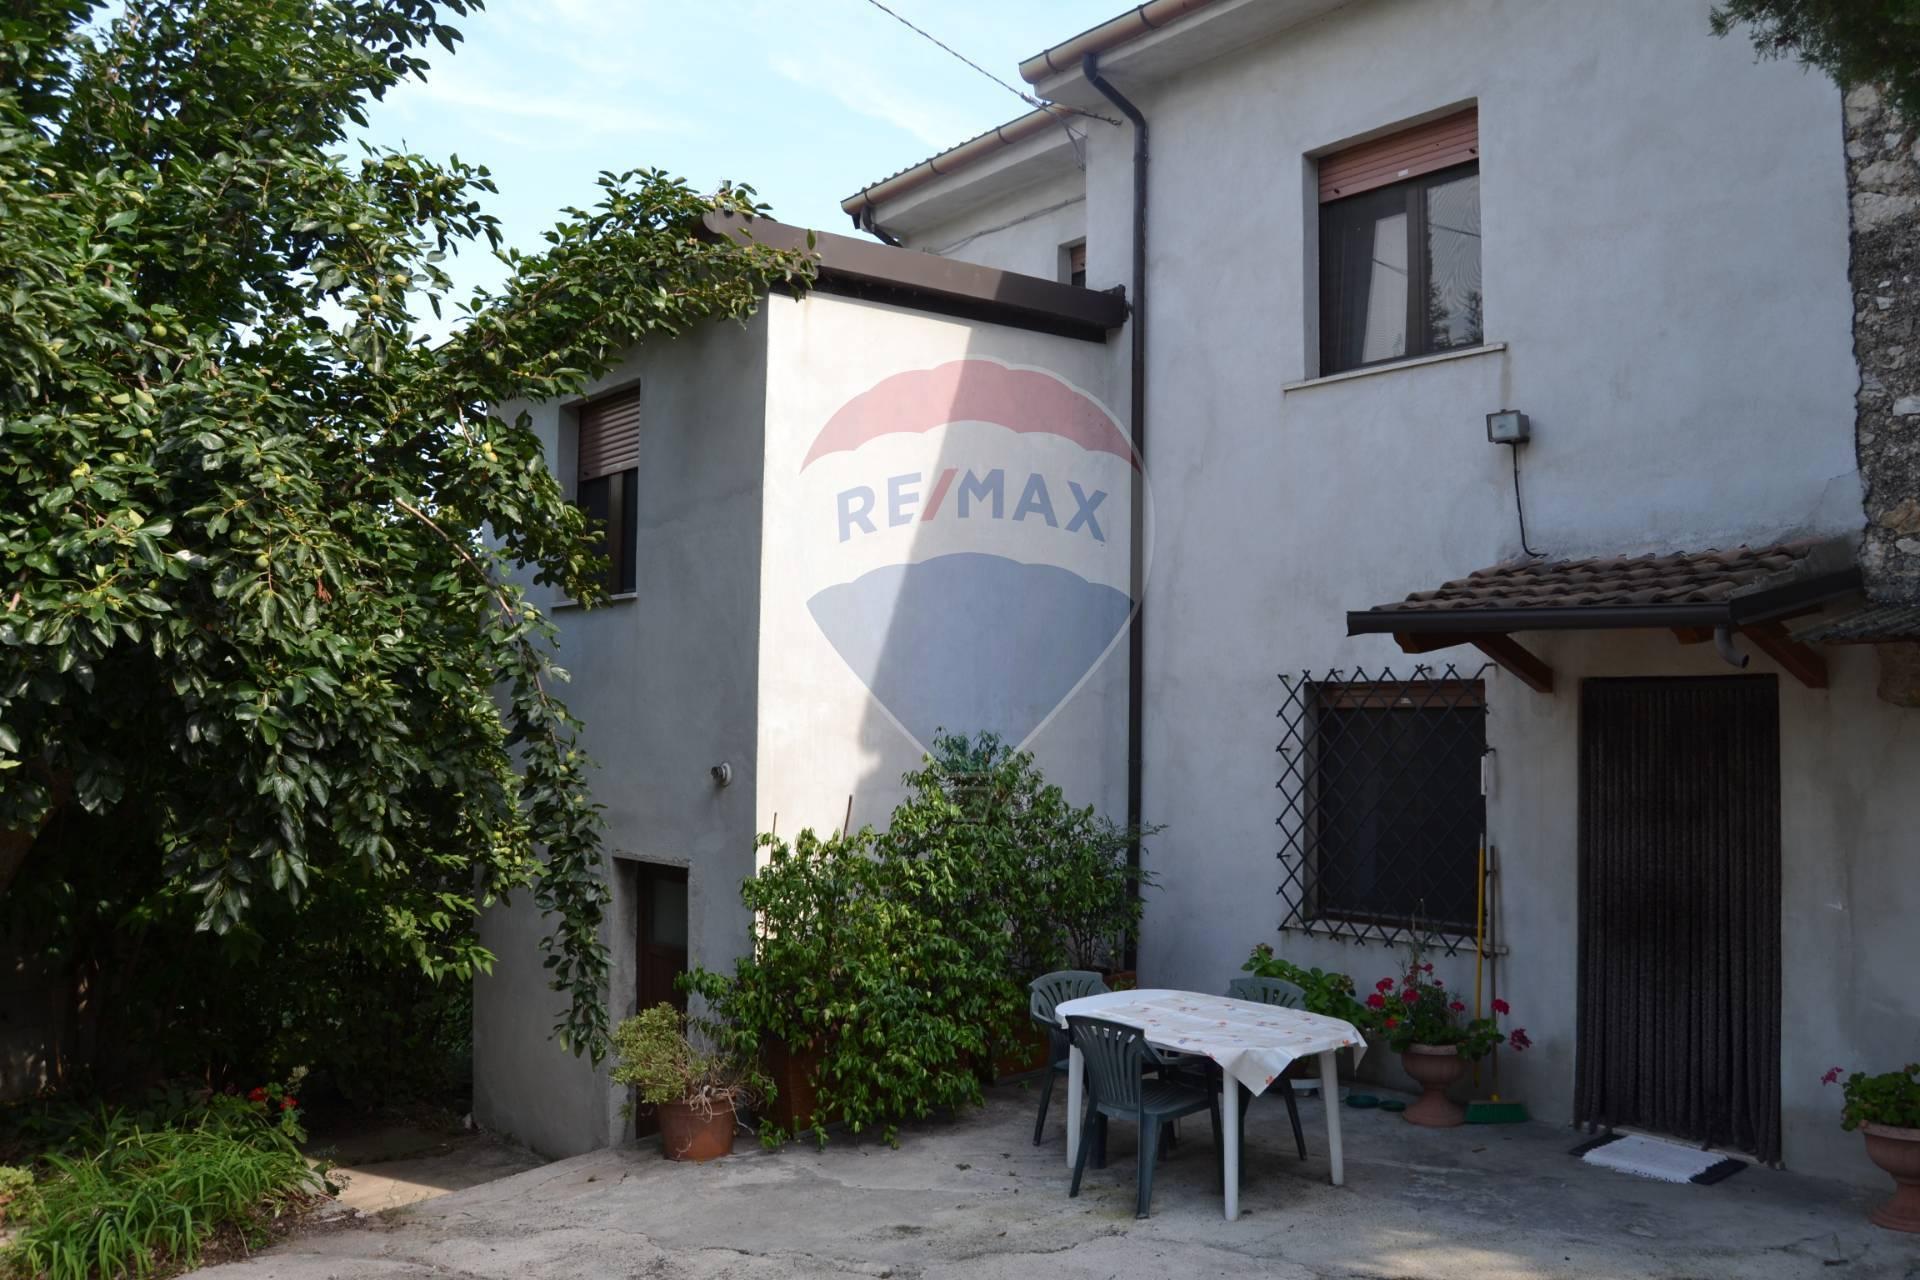 Rustico / Casale in vendita a Mezzane di Sotto, 8 locali, prezzo € 145.000 | CambioCasa.it